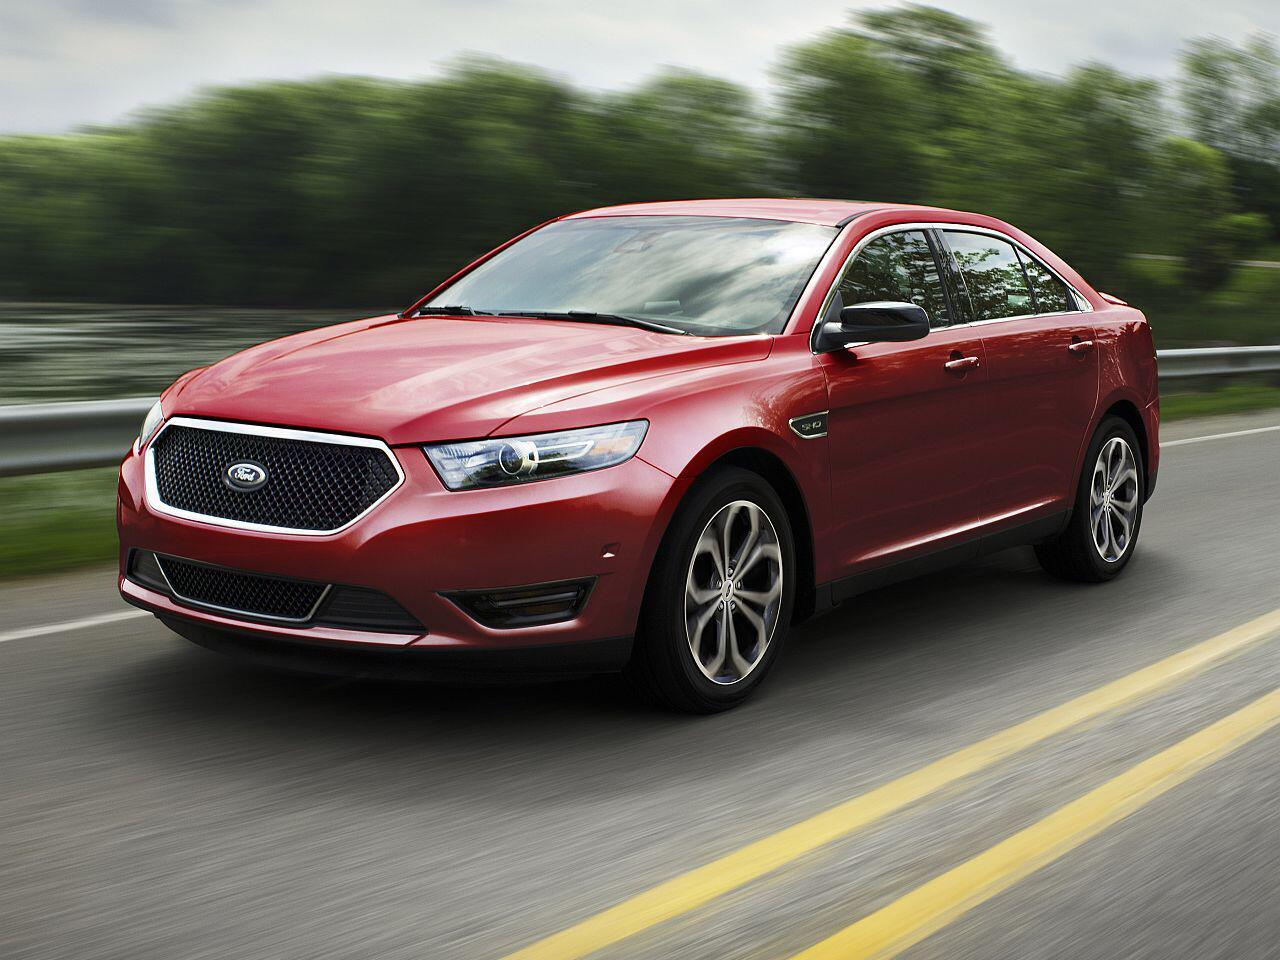 Bild zu Platz 7: Ford Taurus